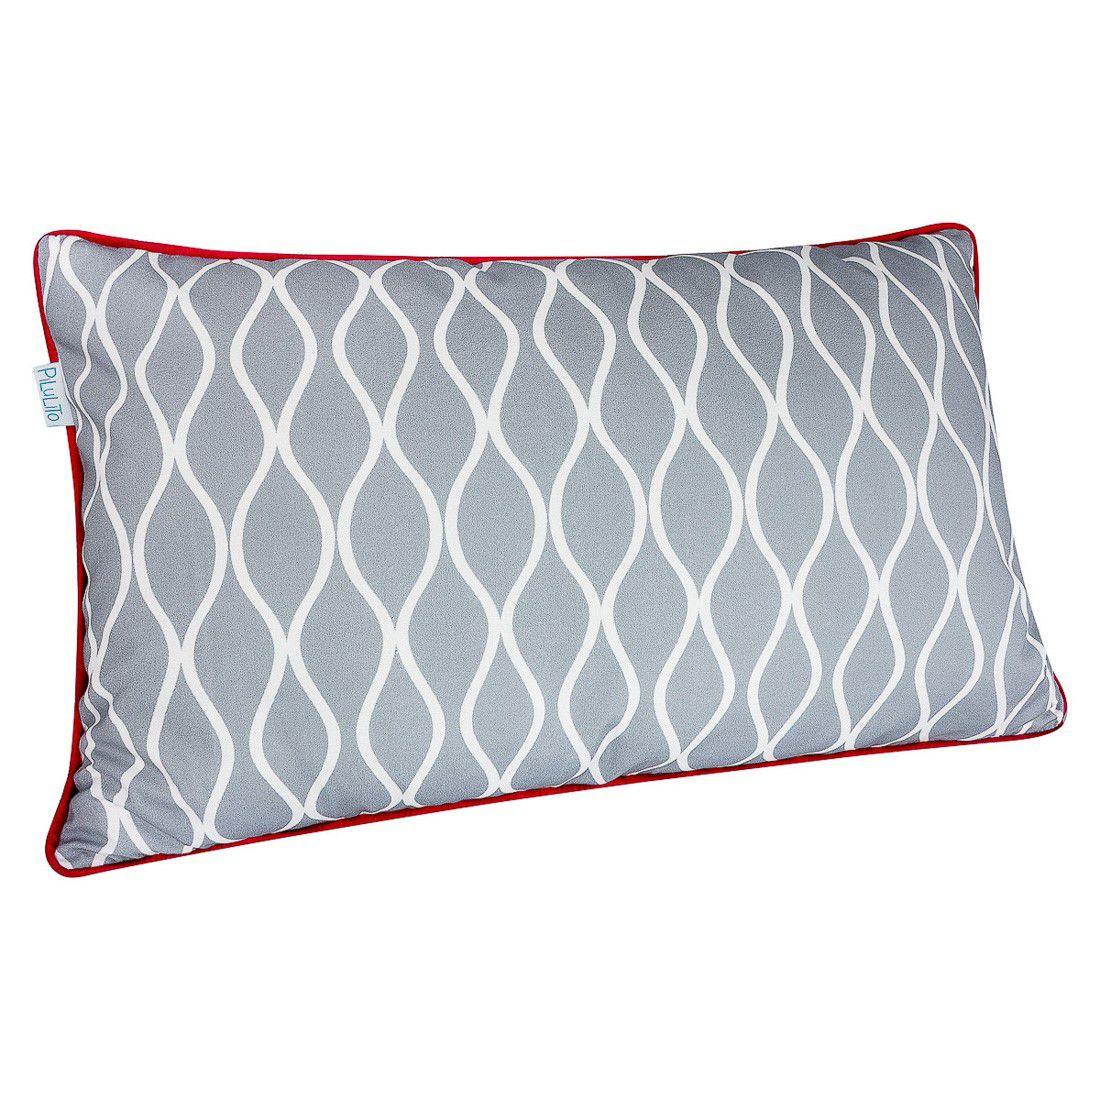 CAPA de almofada de cabeceira ondas cinza  60x40cm com vermelho